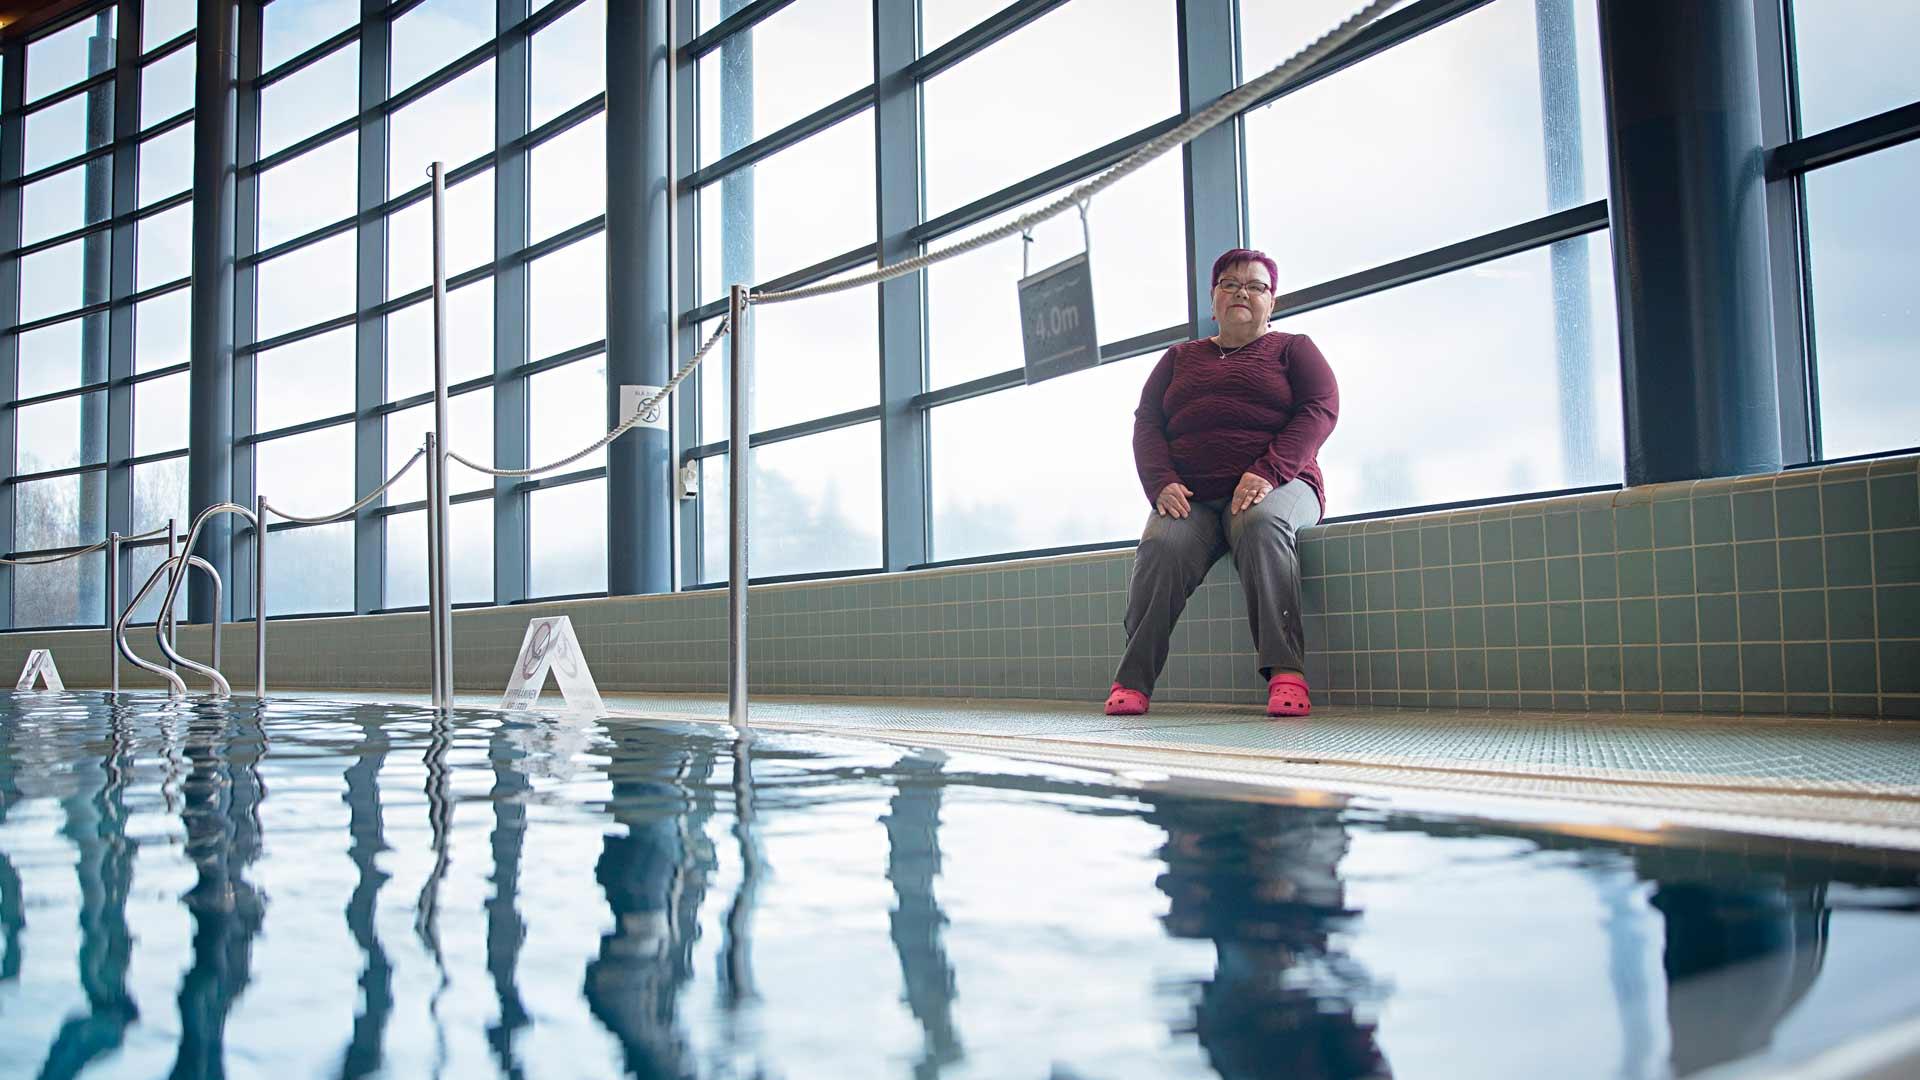 """""""Kosteassa ja lämpimässä uimahallissa on helppo hengittää. kun löysin vesiliikunnan, minusta tuli liikkuja"""", Eija kertoo."""